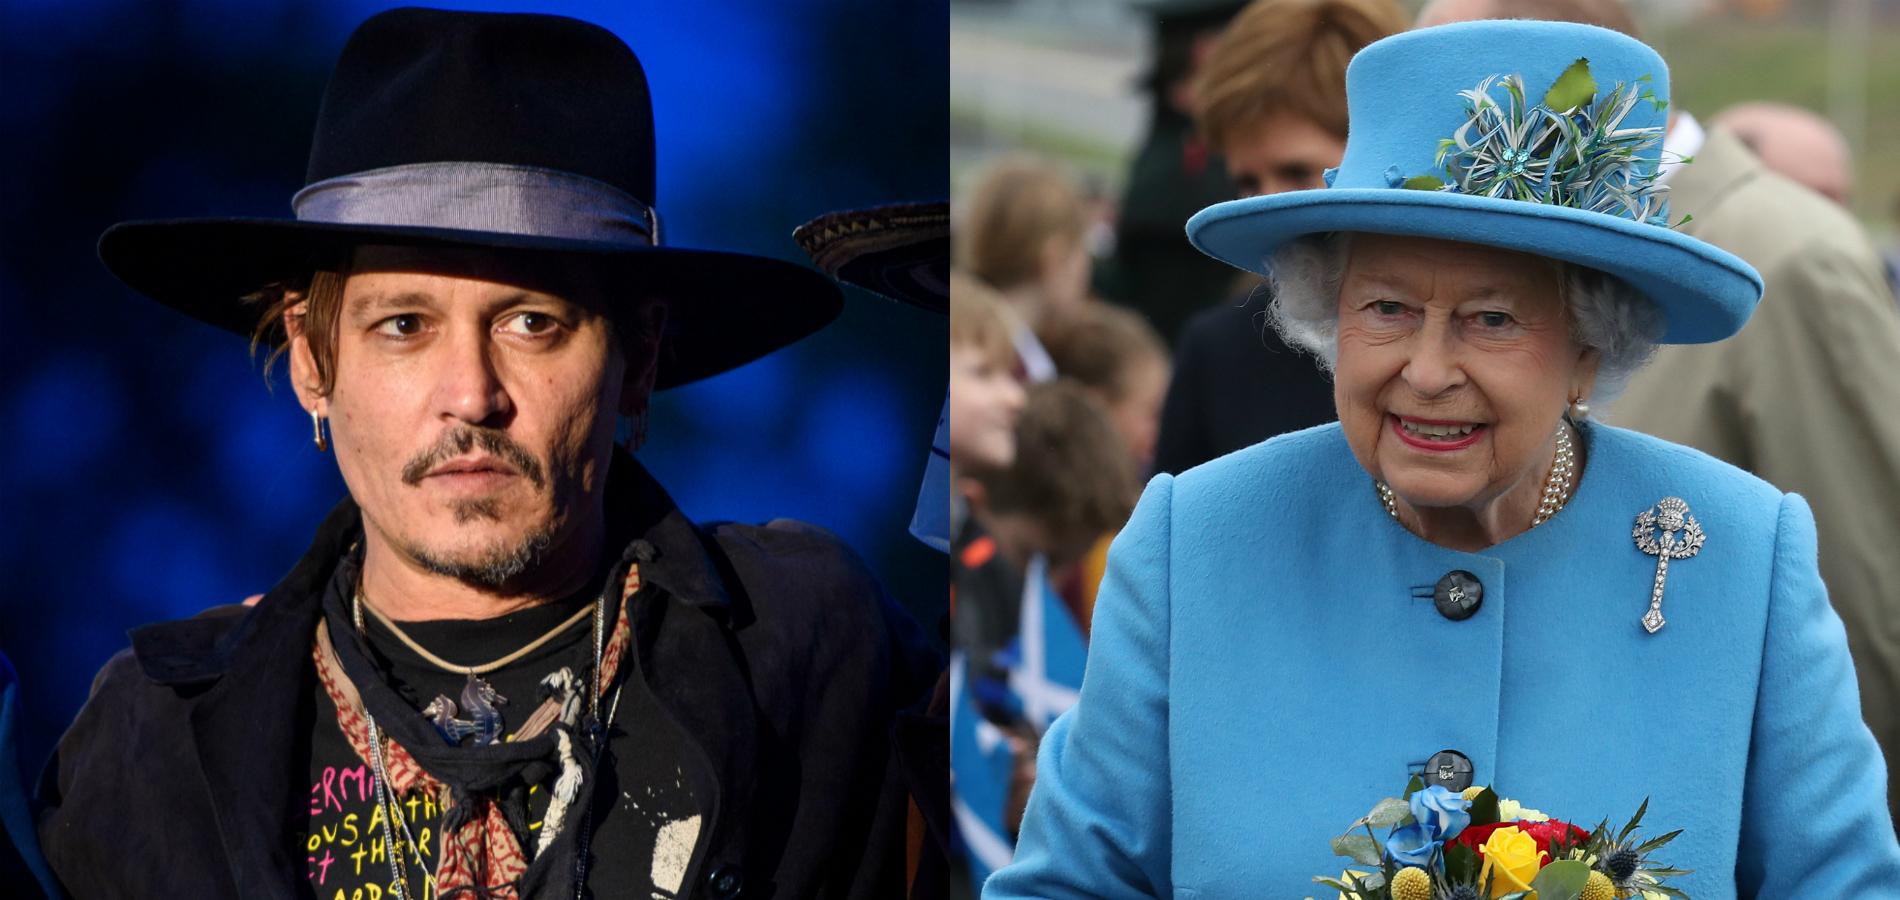 Ces célébrités descendantes d'une famille royale